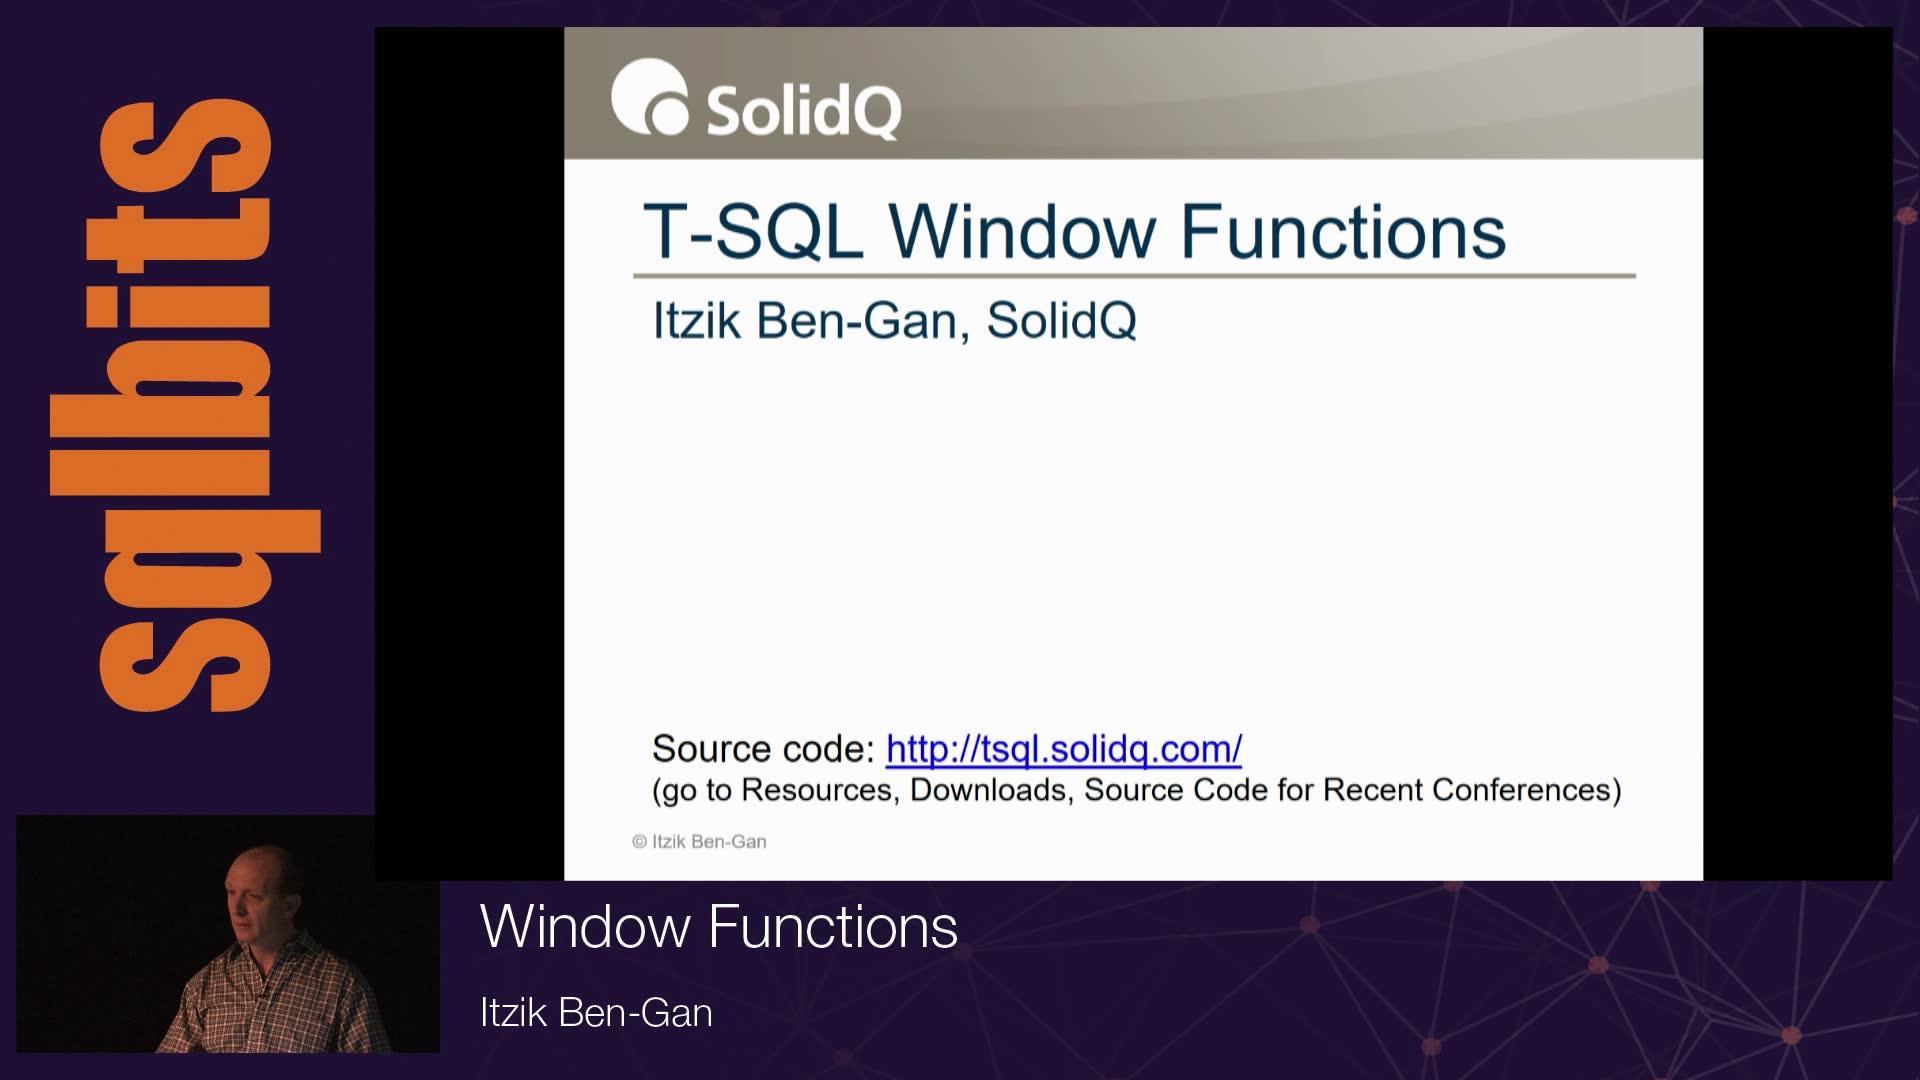 Window Functions with Itzik Ben-Gan